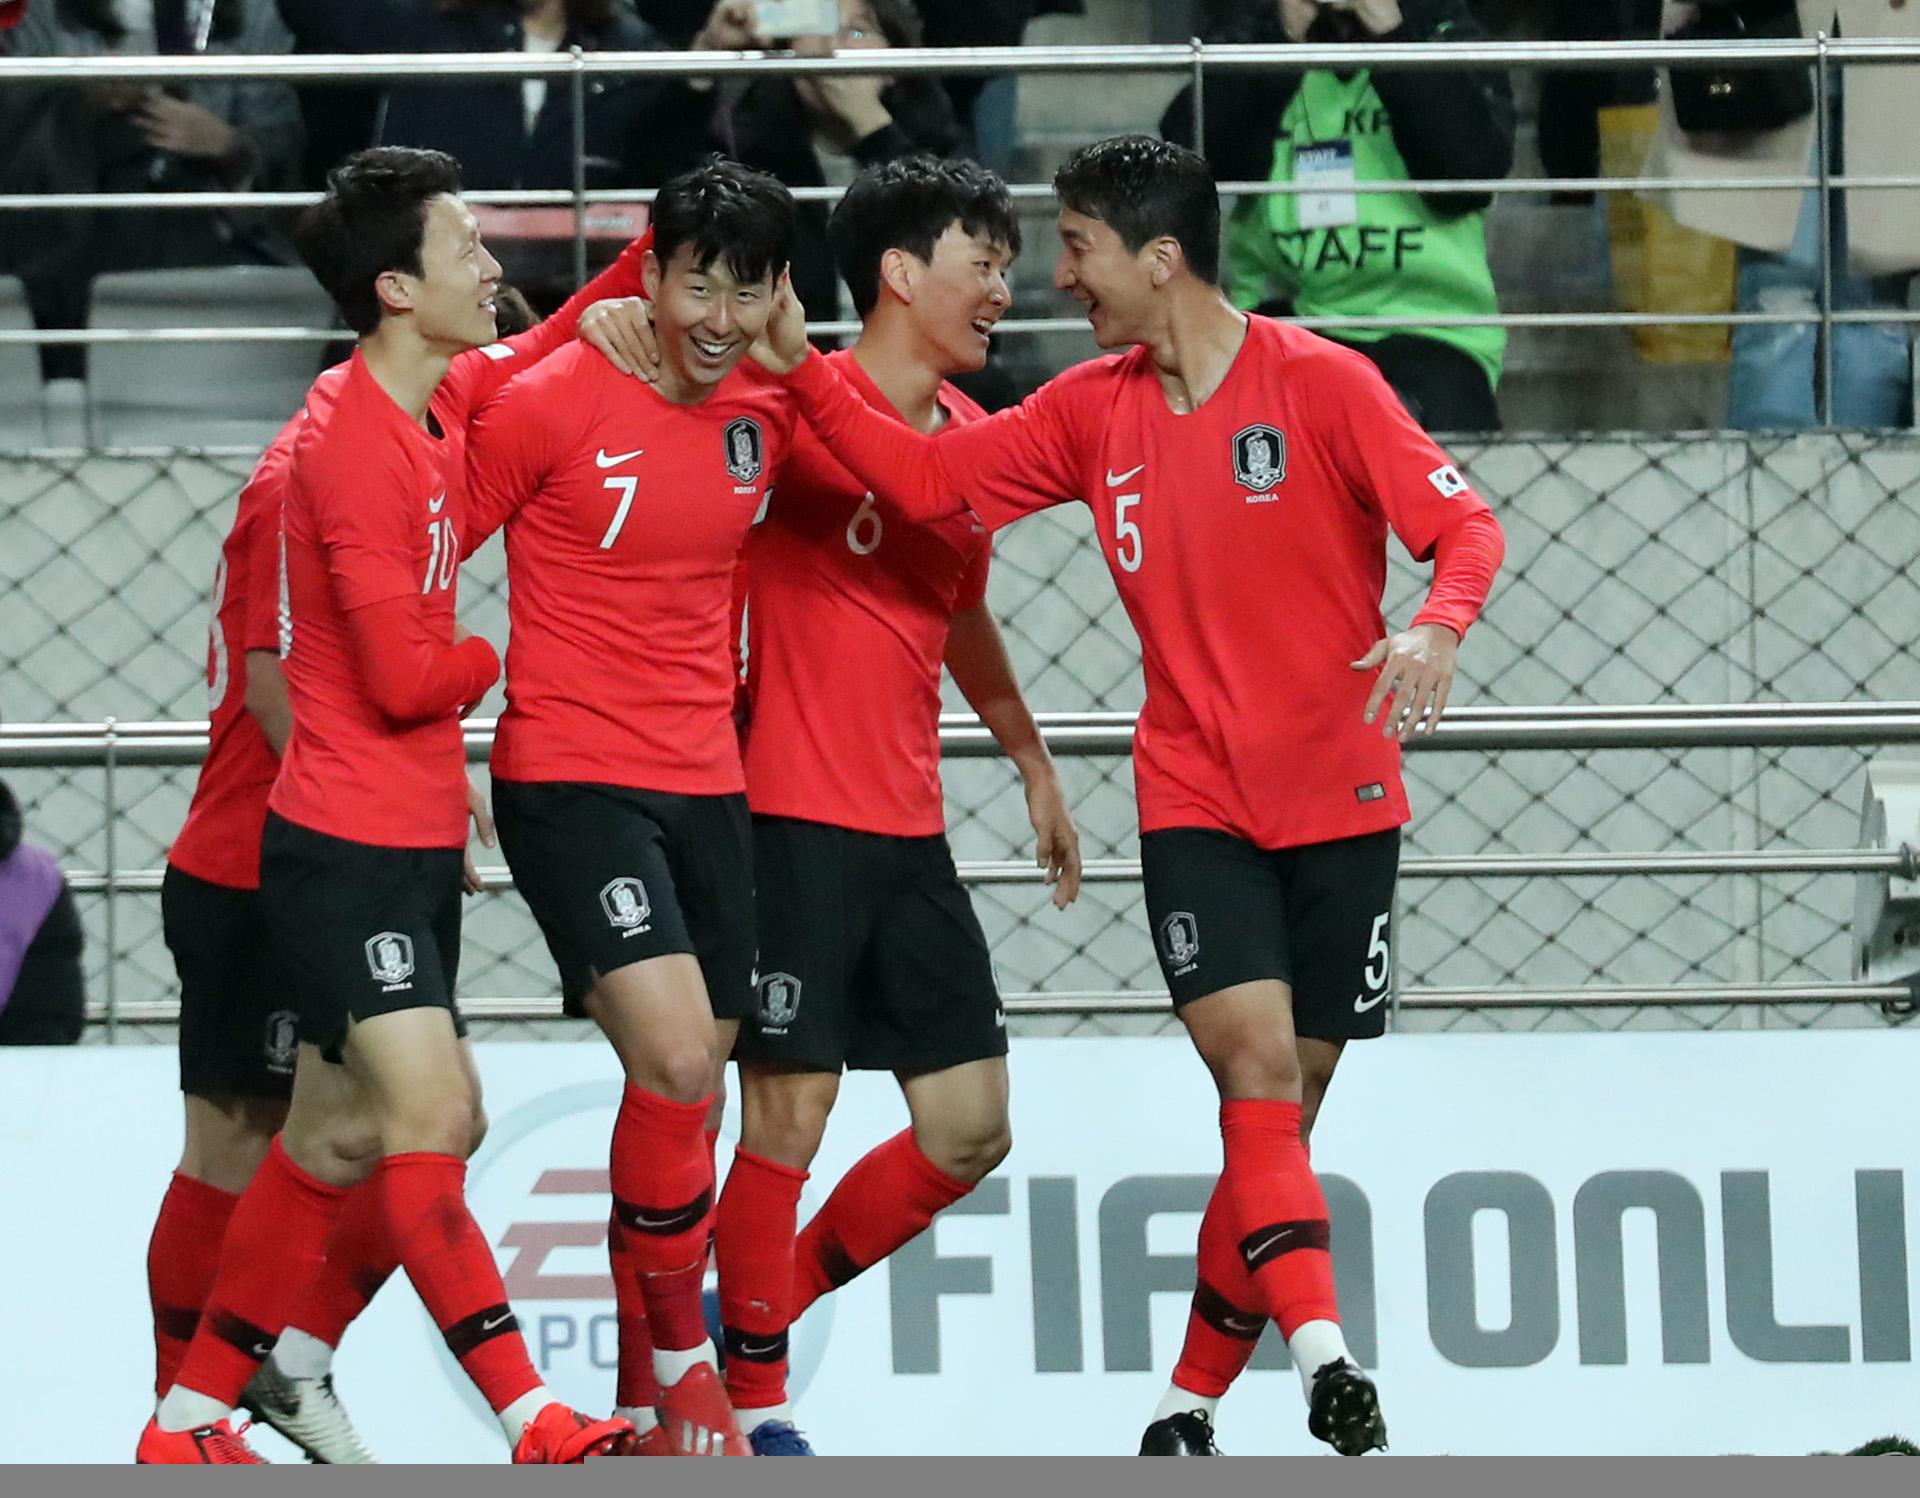 지난해 3월 26일 서울월드컵경기장에서 열린 콜롬비아와 평가전에서 한국 손흥민이 첫 골을 성공시키고 팀 동료들과 환호하고 있다. [연합뉴스]